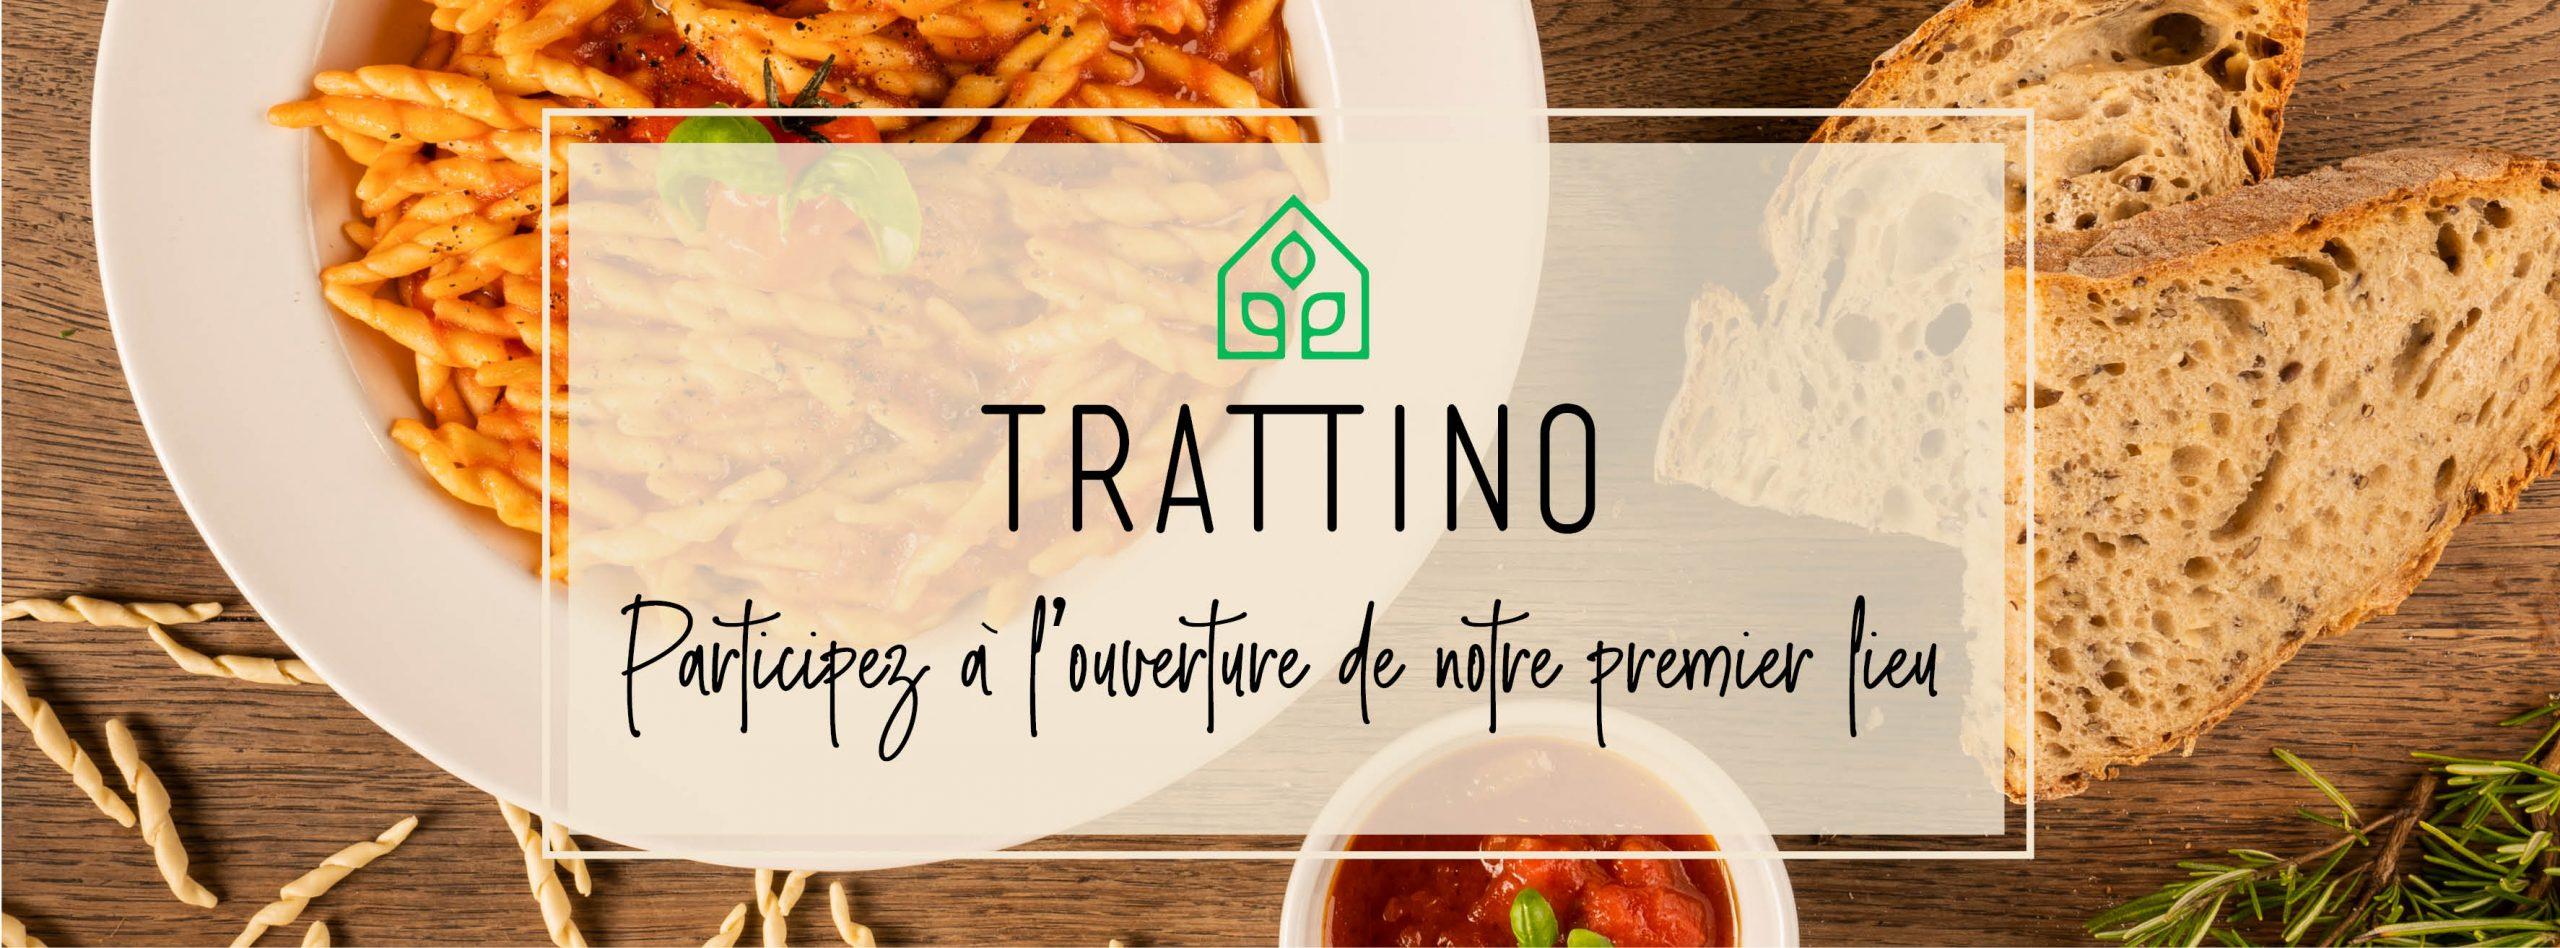 Trattino lance sa campagne  de financement participatif !